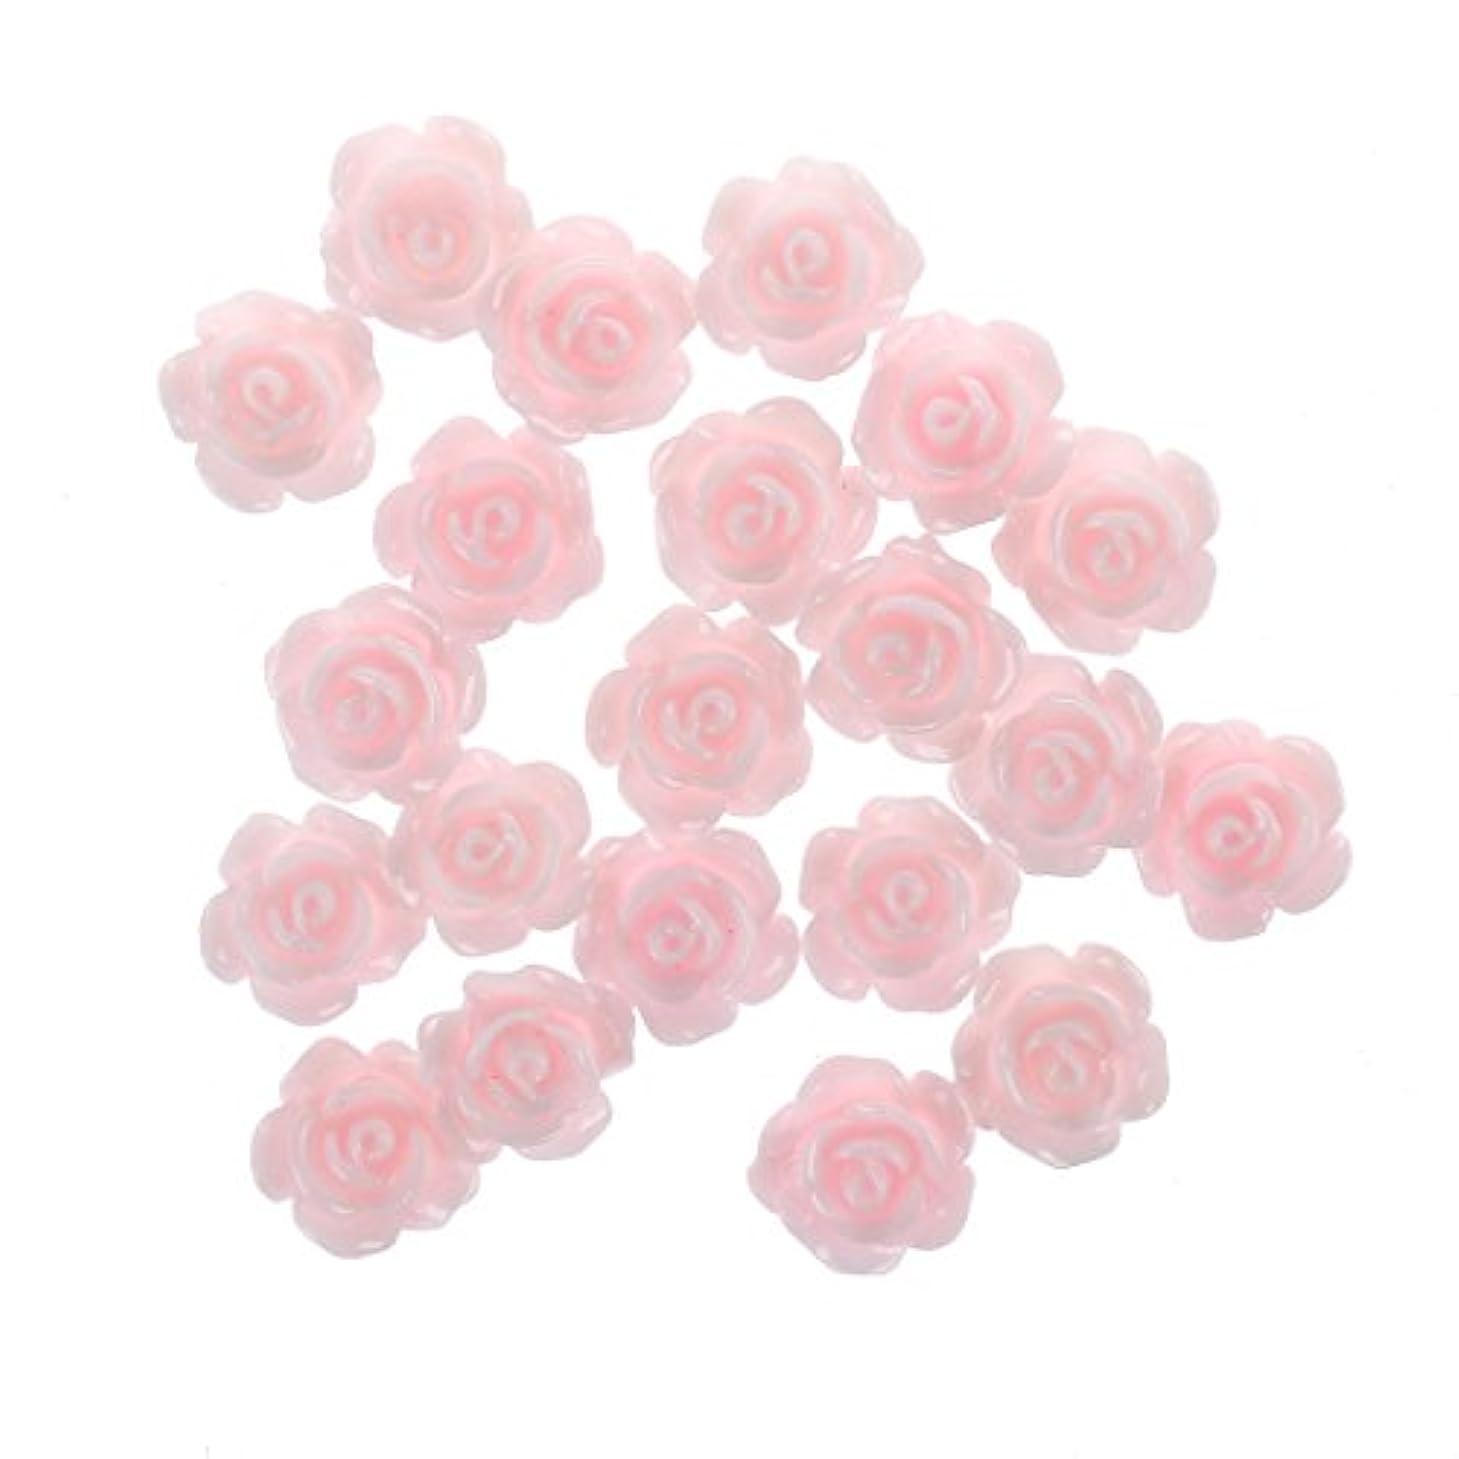 内訳妖精お祝いGaoominy 20x3Dピンクの小さいバラ ラインストーン付きネイルアート装飾